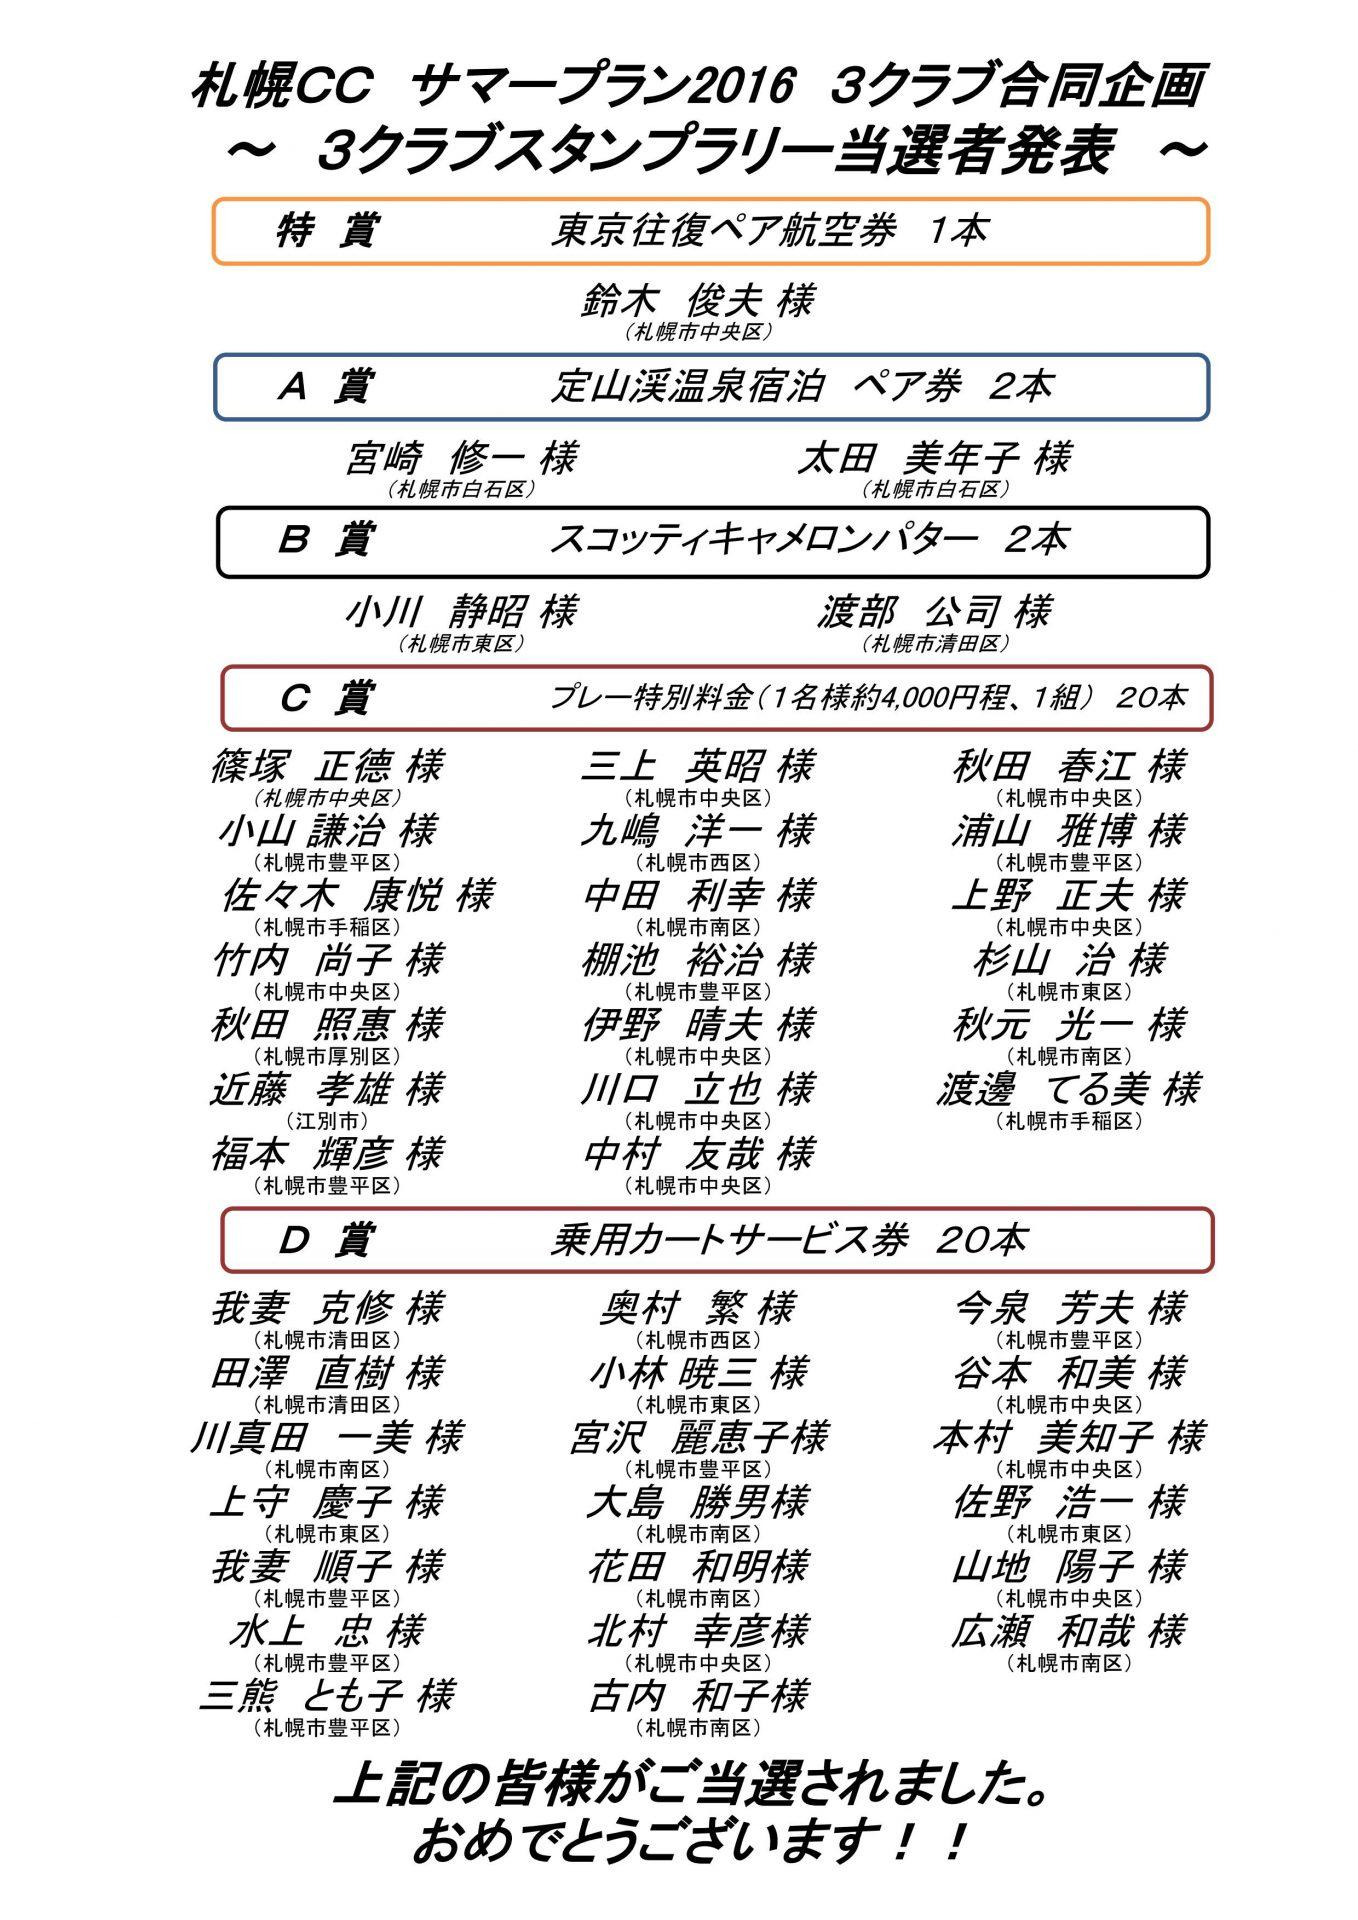 ■10/20UP サマープラン2016 3クラブスタンプラリー当選者発表!